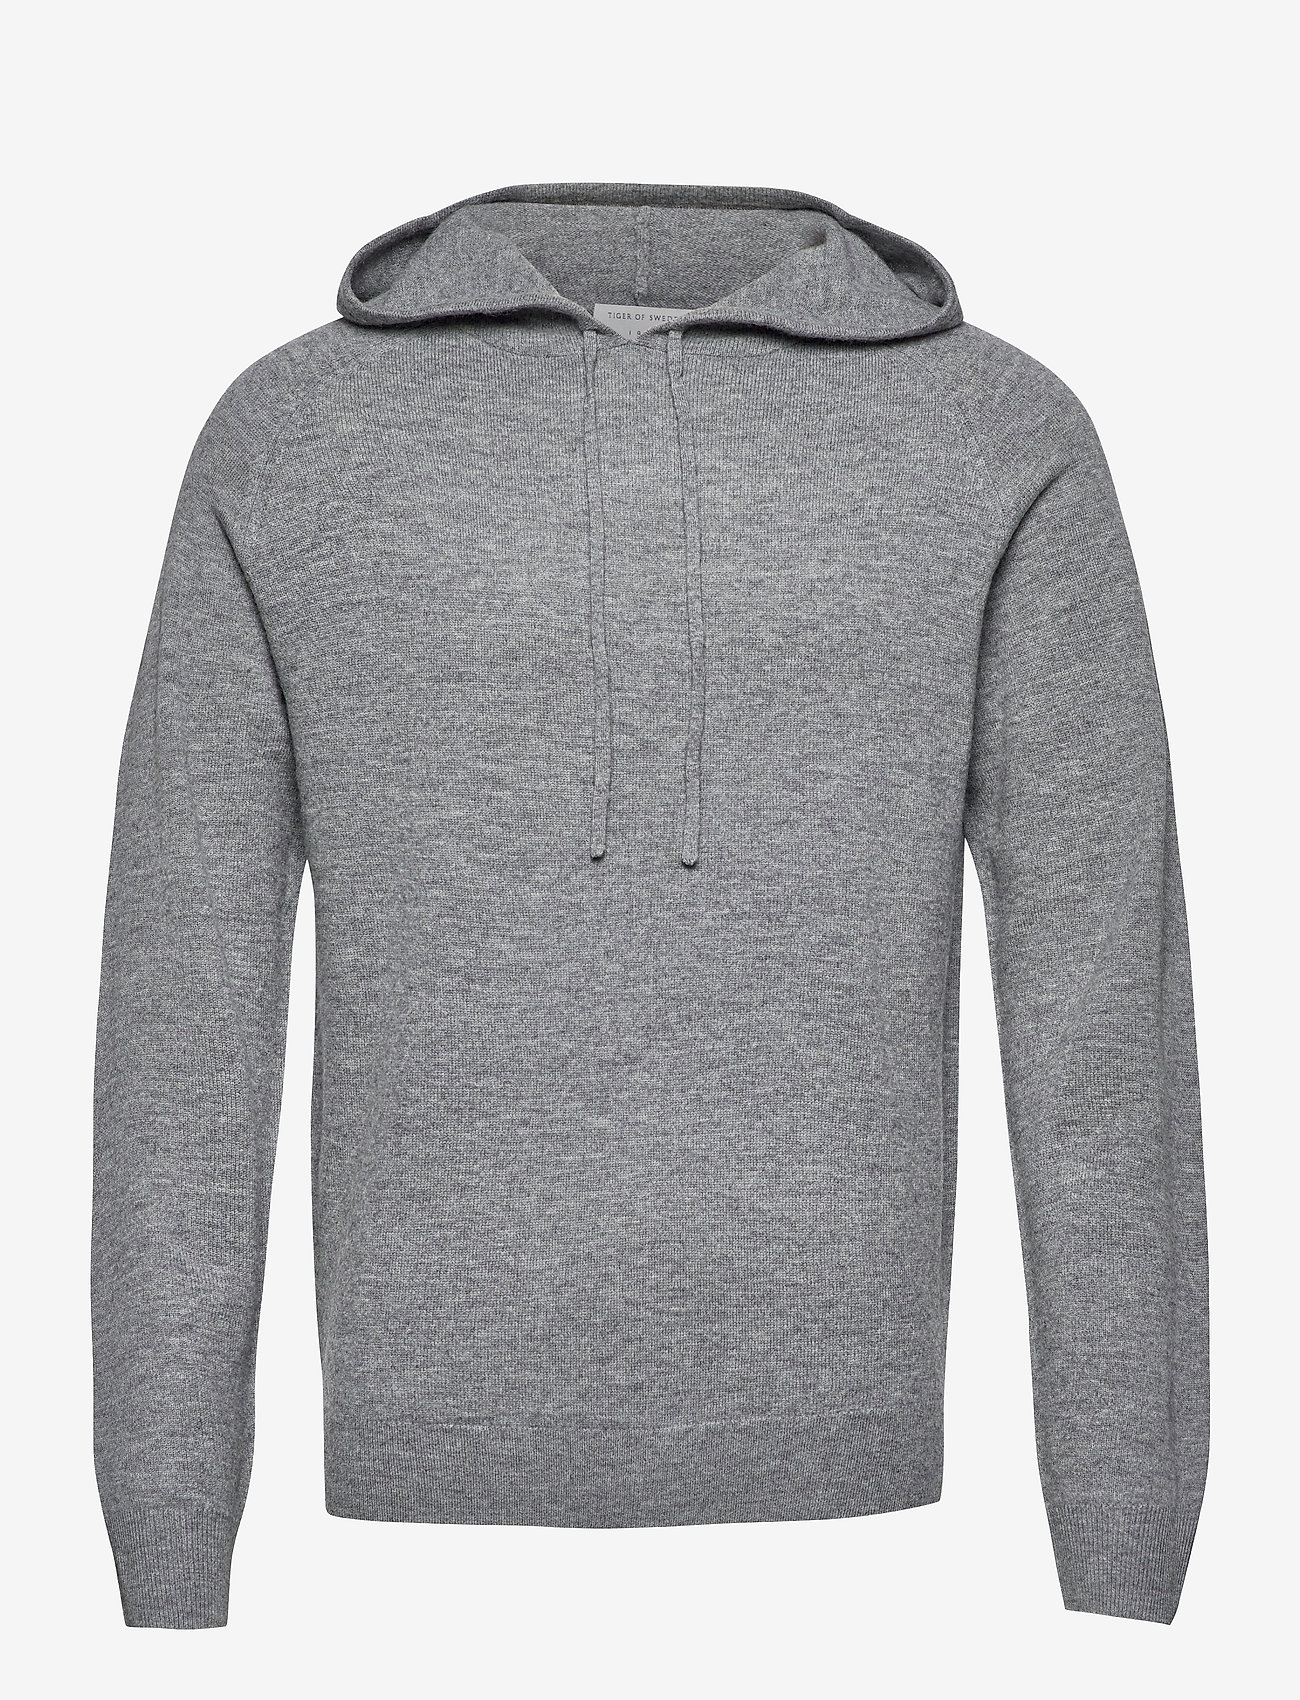 Tiger of Sweden - NAKKNE - basic sweatshirts - med grey mel - 0